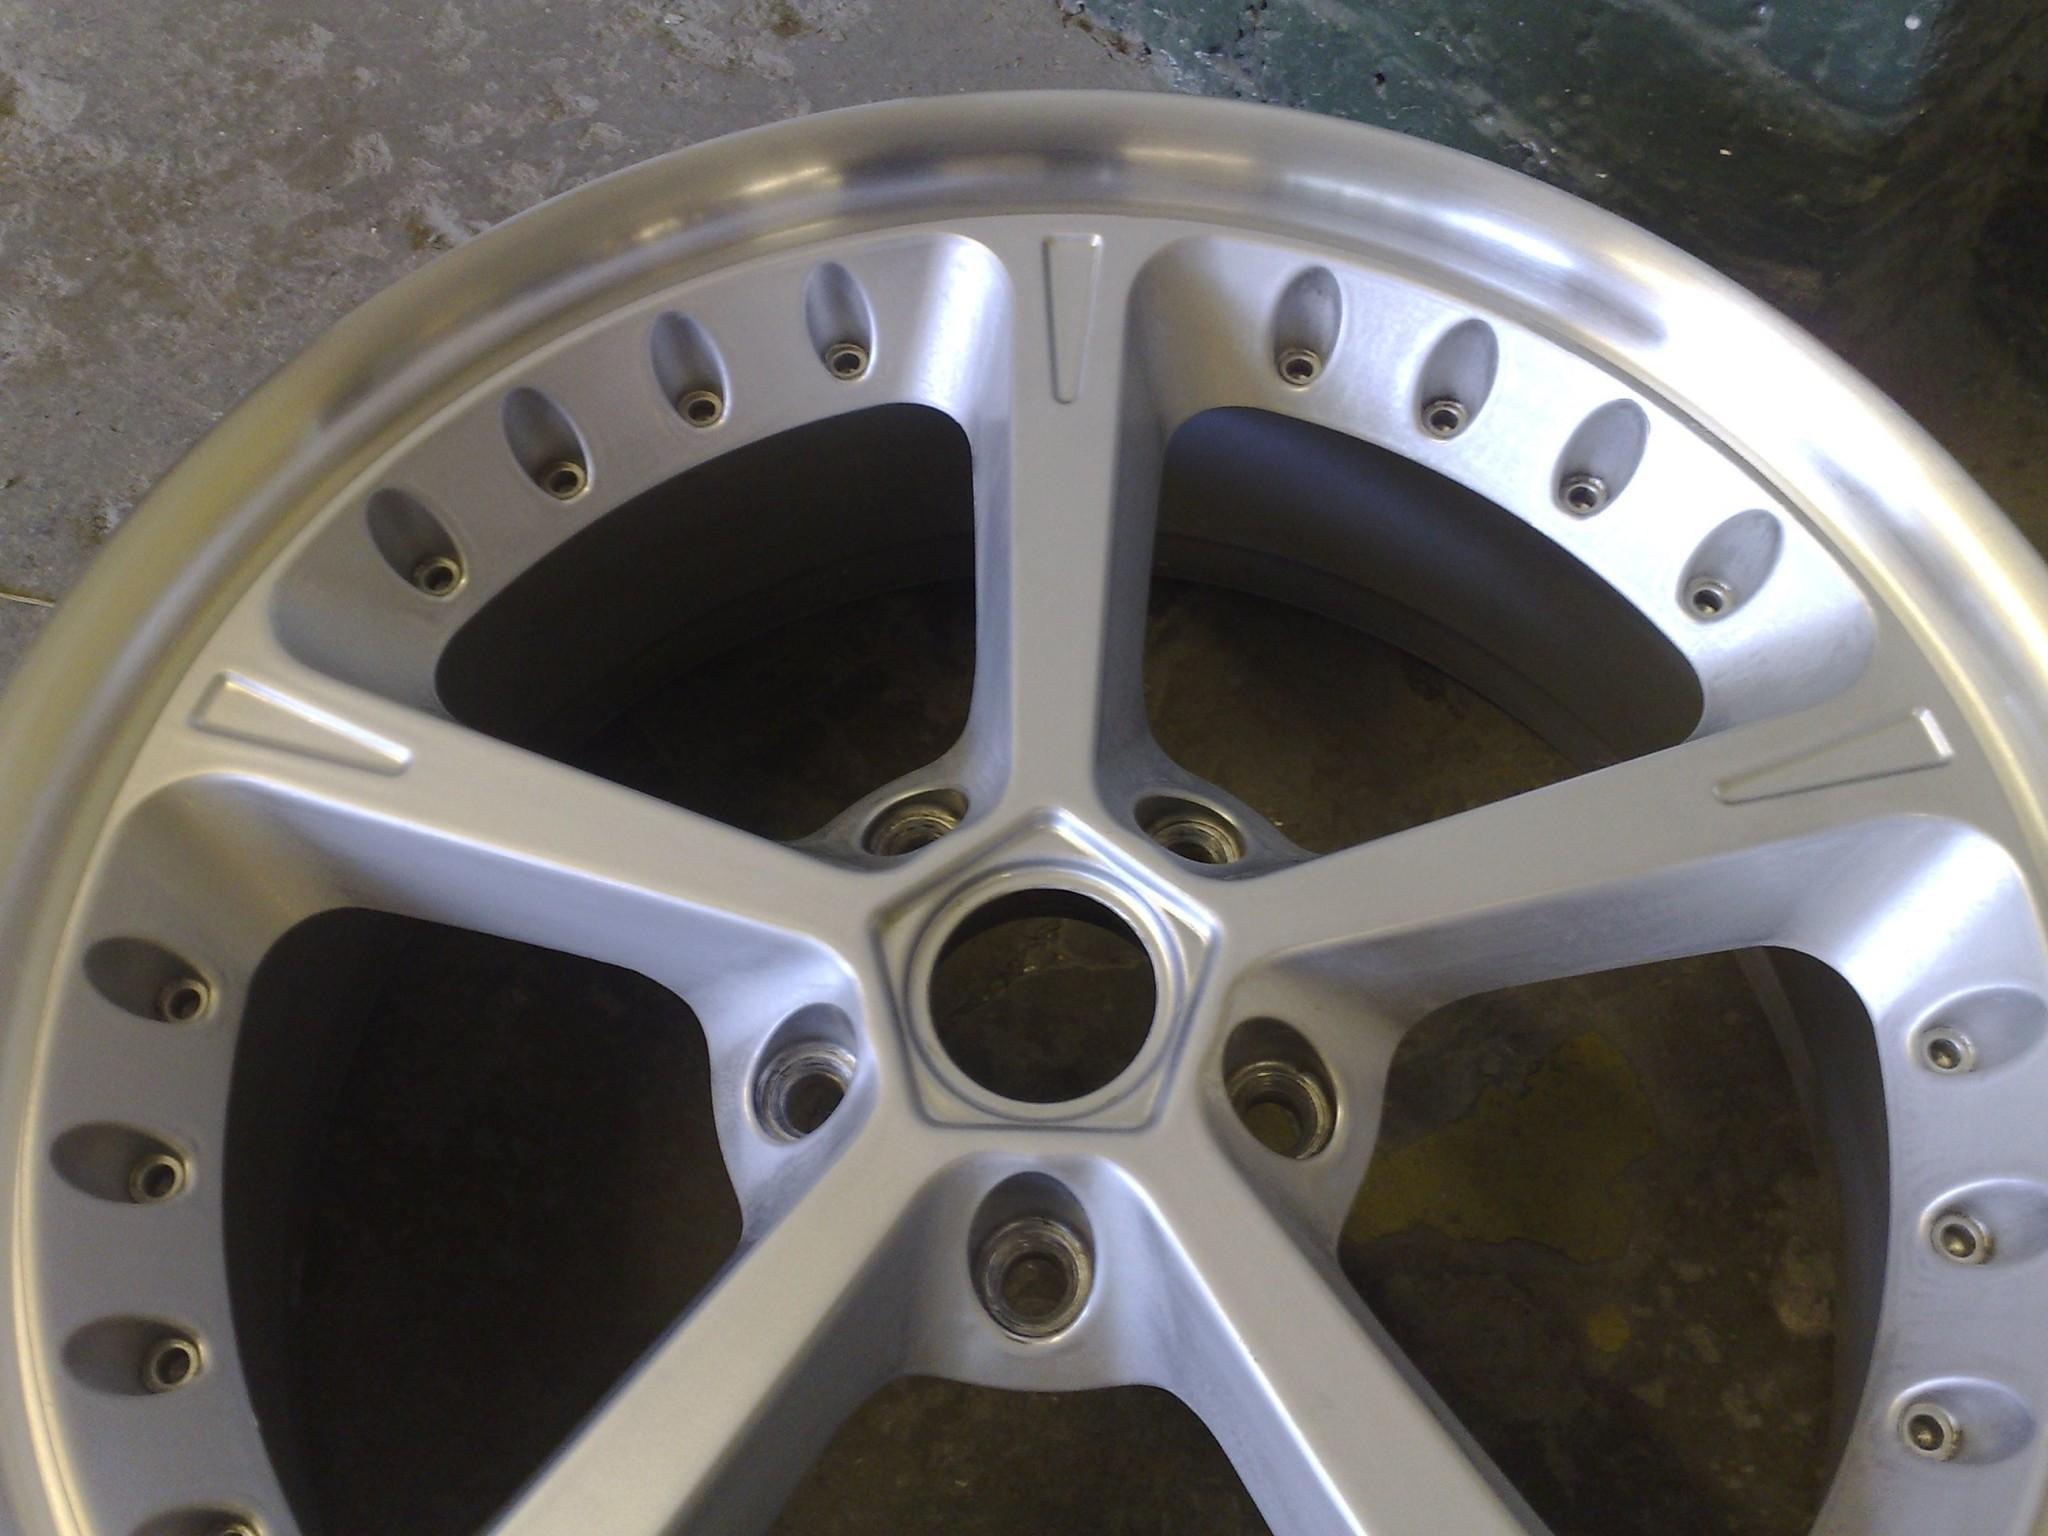 AC Schnitzer Alloy Repairs Welding Straightening & Polishing